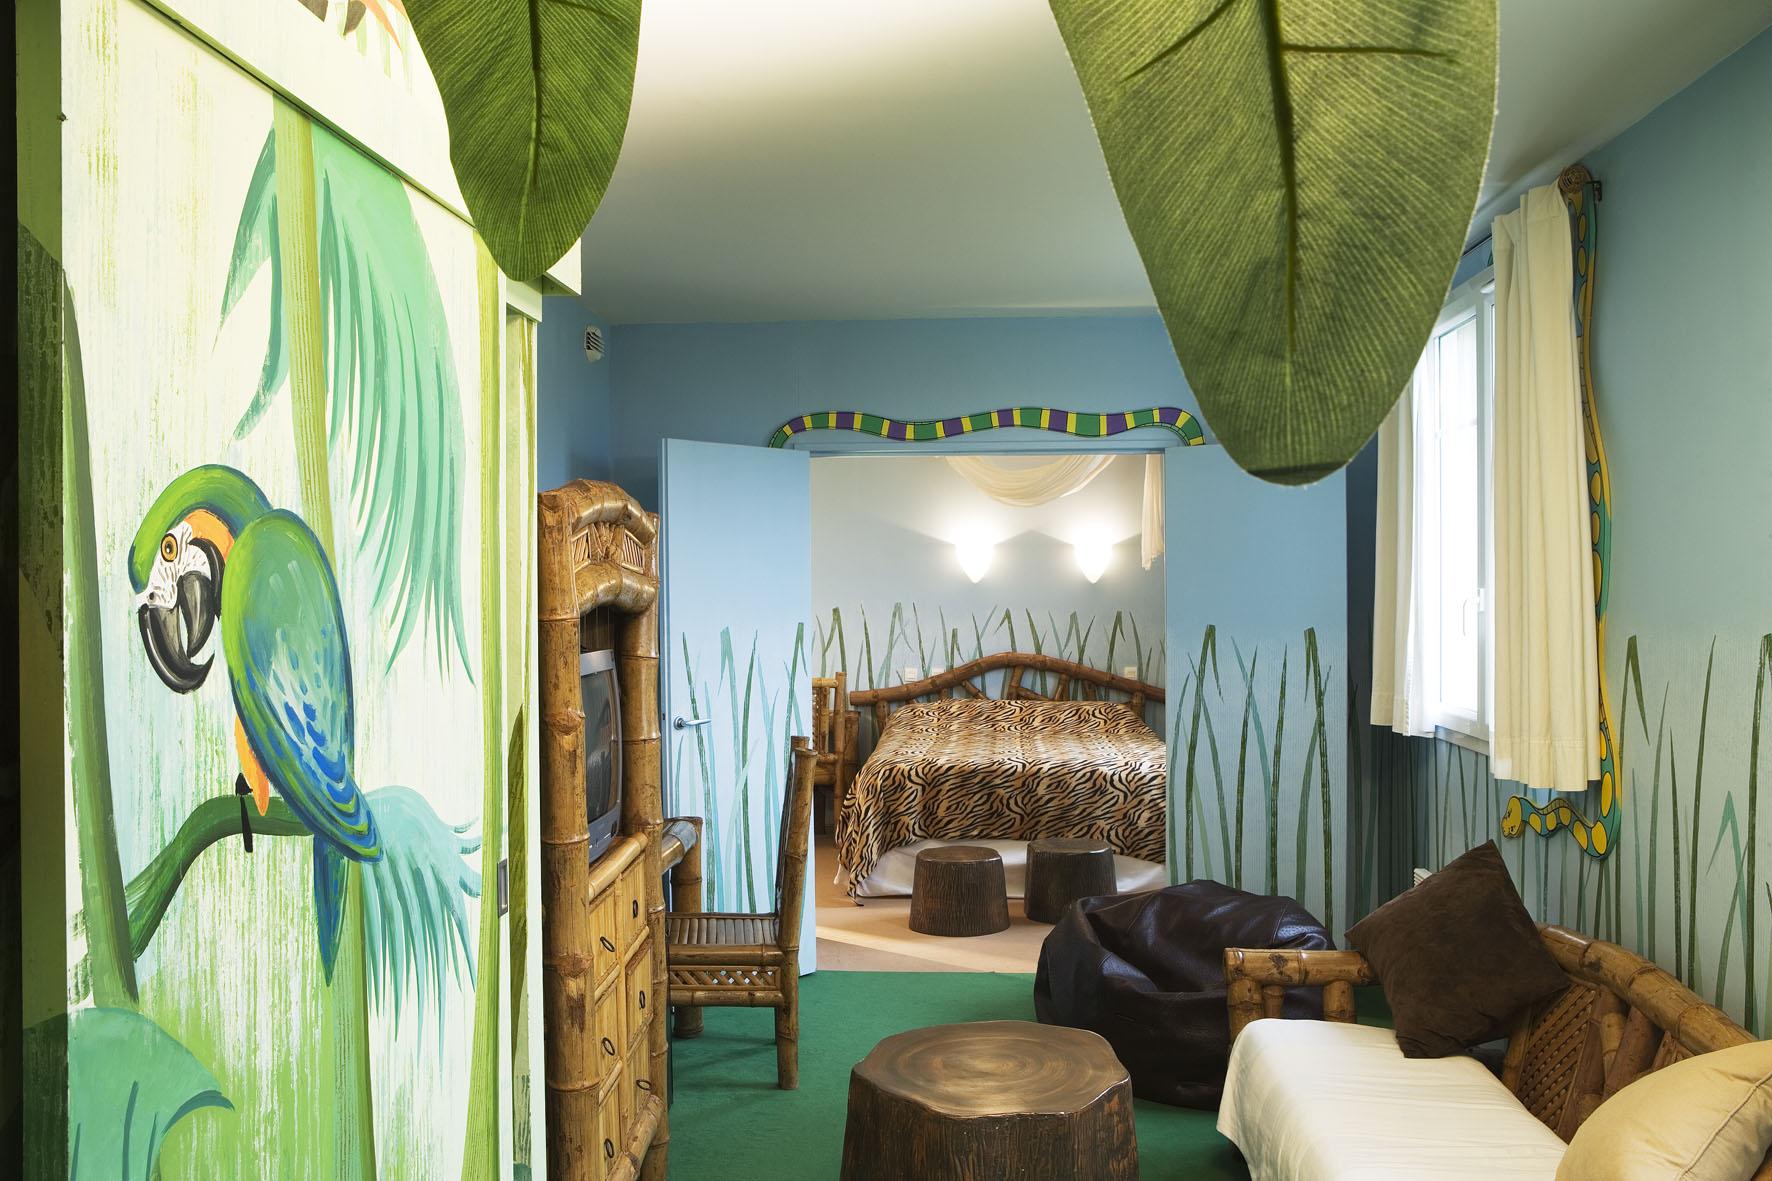 Idees d Chambre Chambre A Theme Dernier Design pour l